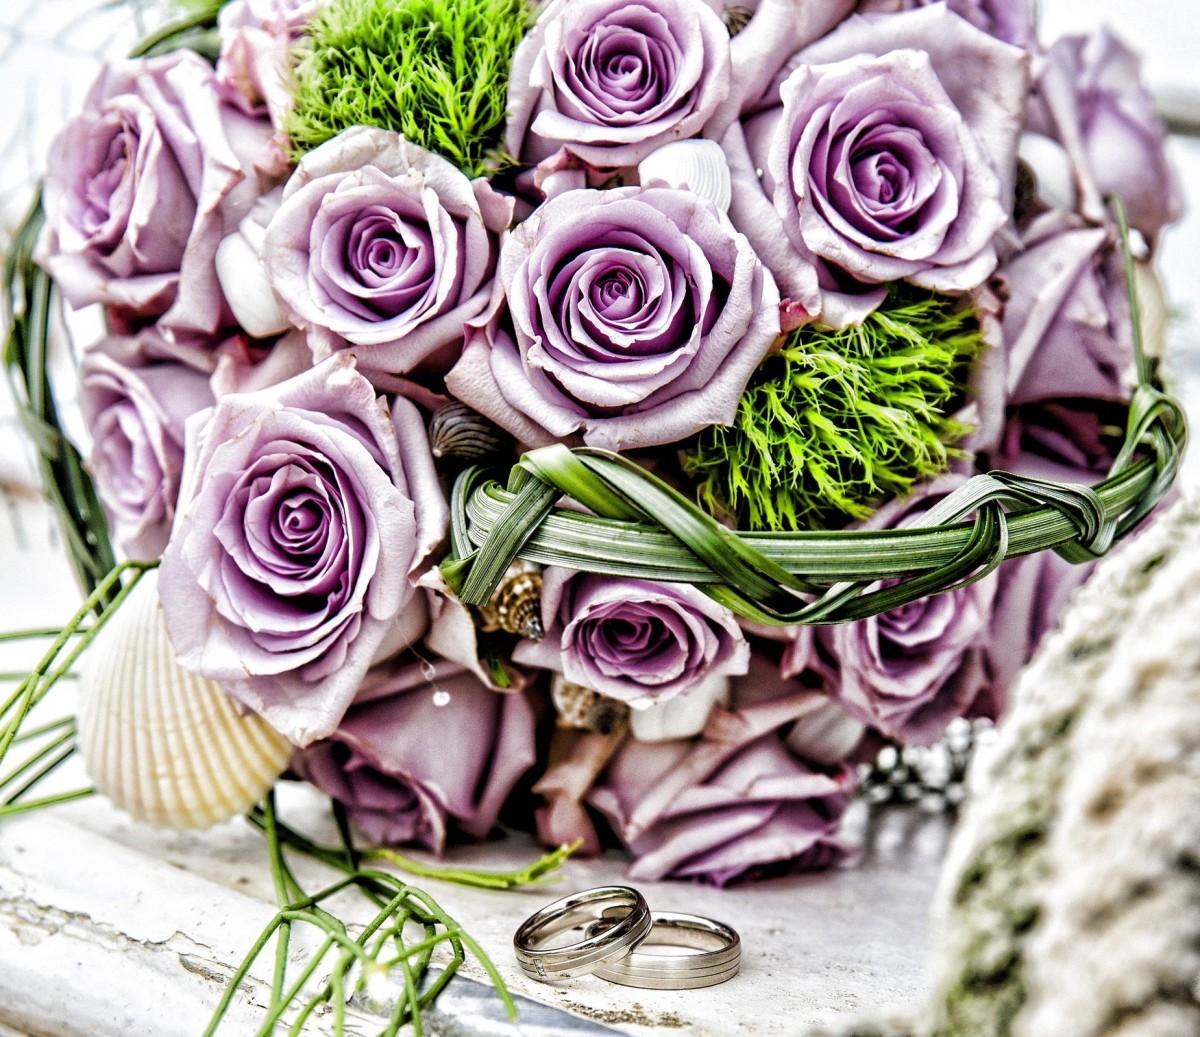 Jigsaw Puzzle Solve jigsaw puzzles online - Bridal bouquet